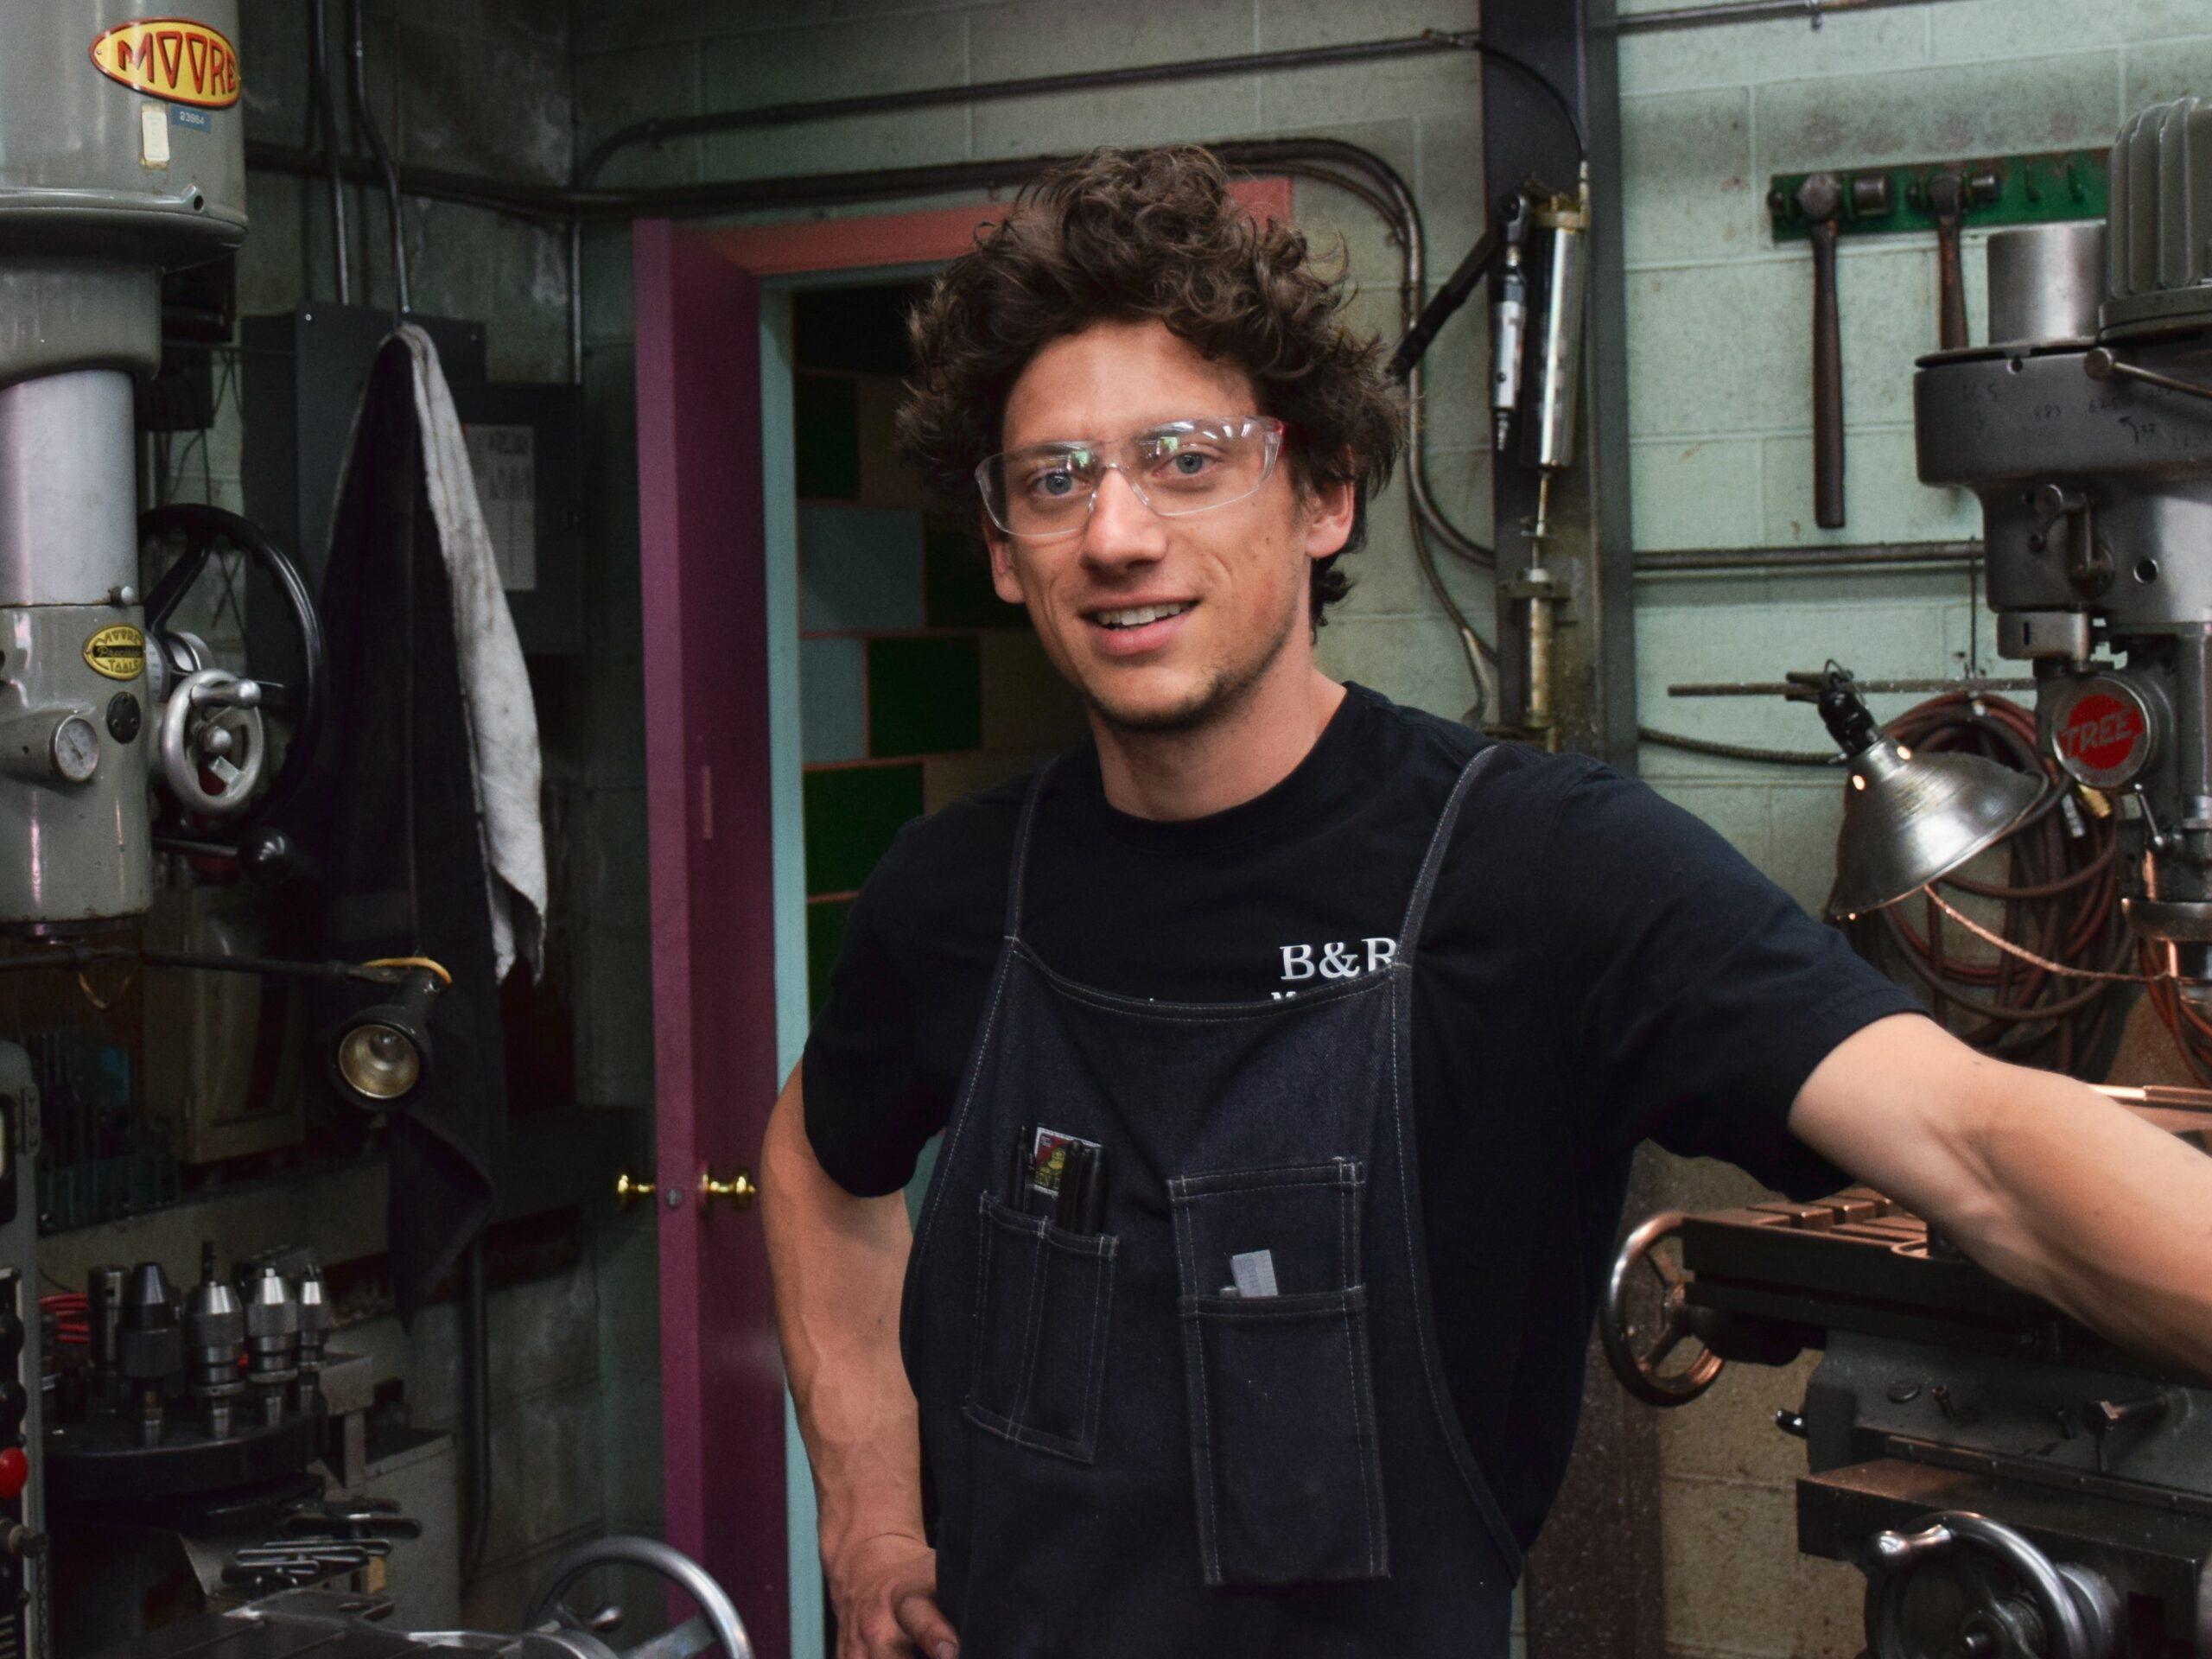 Shop foreman dylan teichroeb